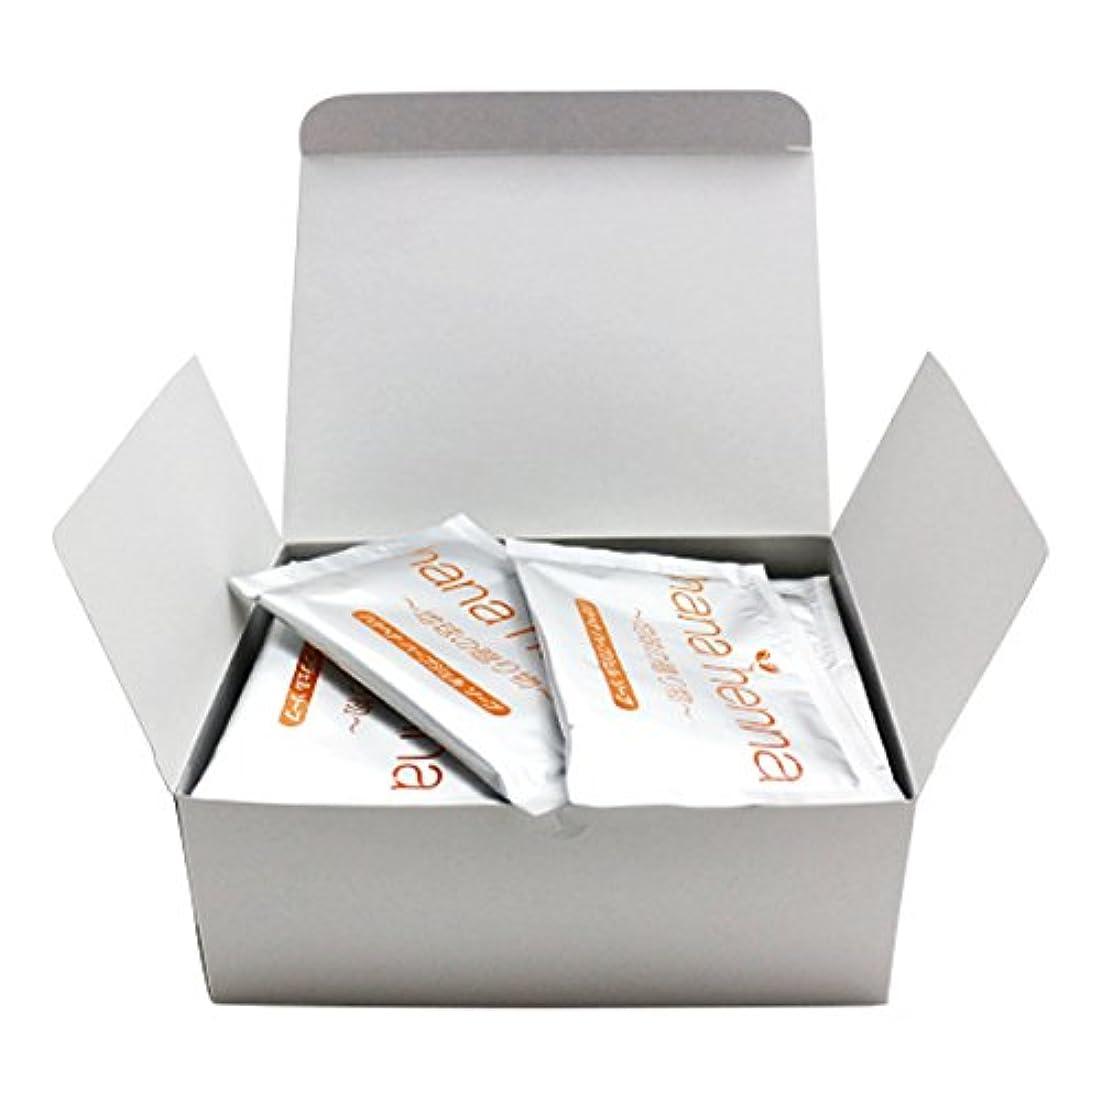 退院誘惑条約hanahenna ハーブジェル ソープ セット 10g×30袋